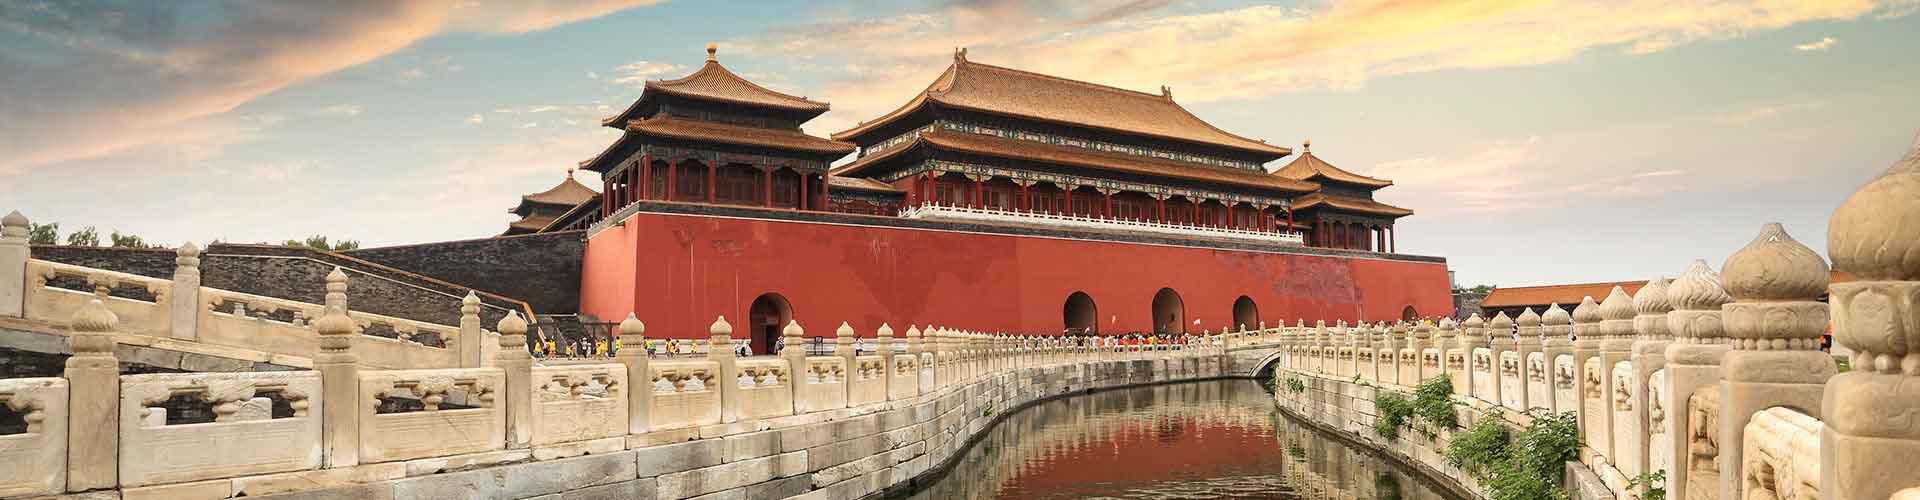 Pechino – Ostelli in Pechino. Mappe per Pechino, Foto e  Recensioni per ogni Ostello a Pechino.